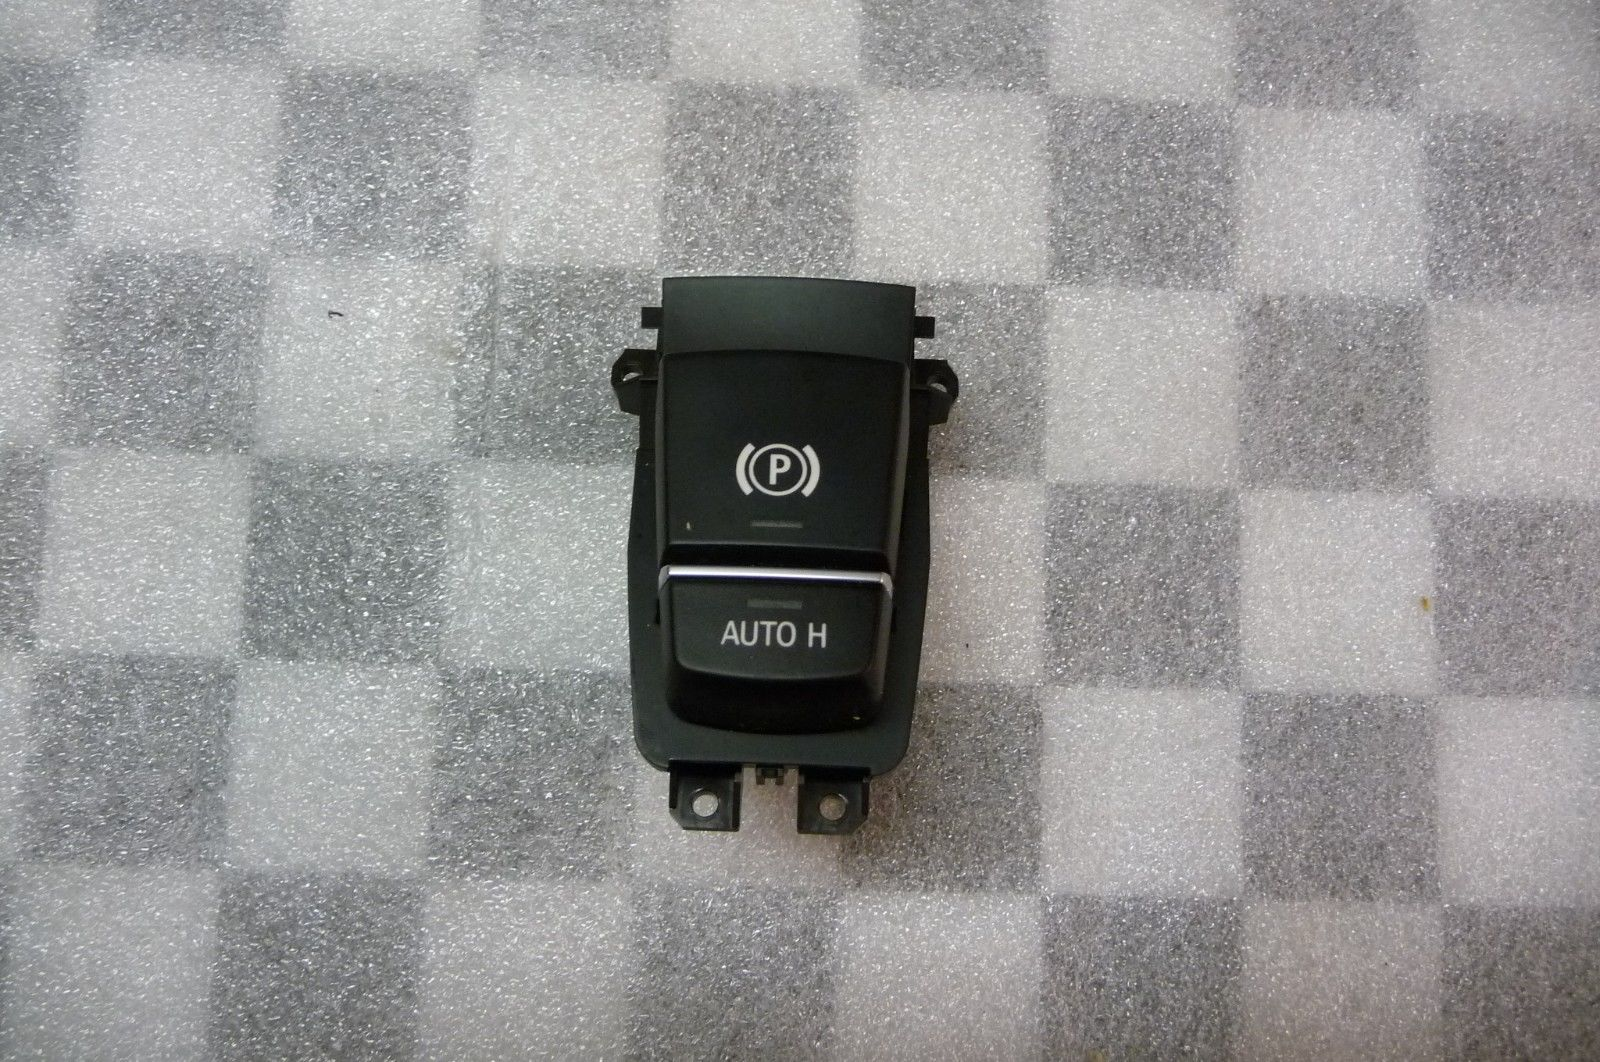 BMW 5 7 Series X5 X6 Auto-Hold Parking Brake Switch 61319350898 OEM OE